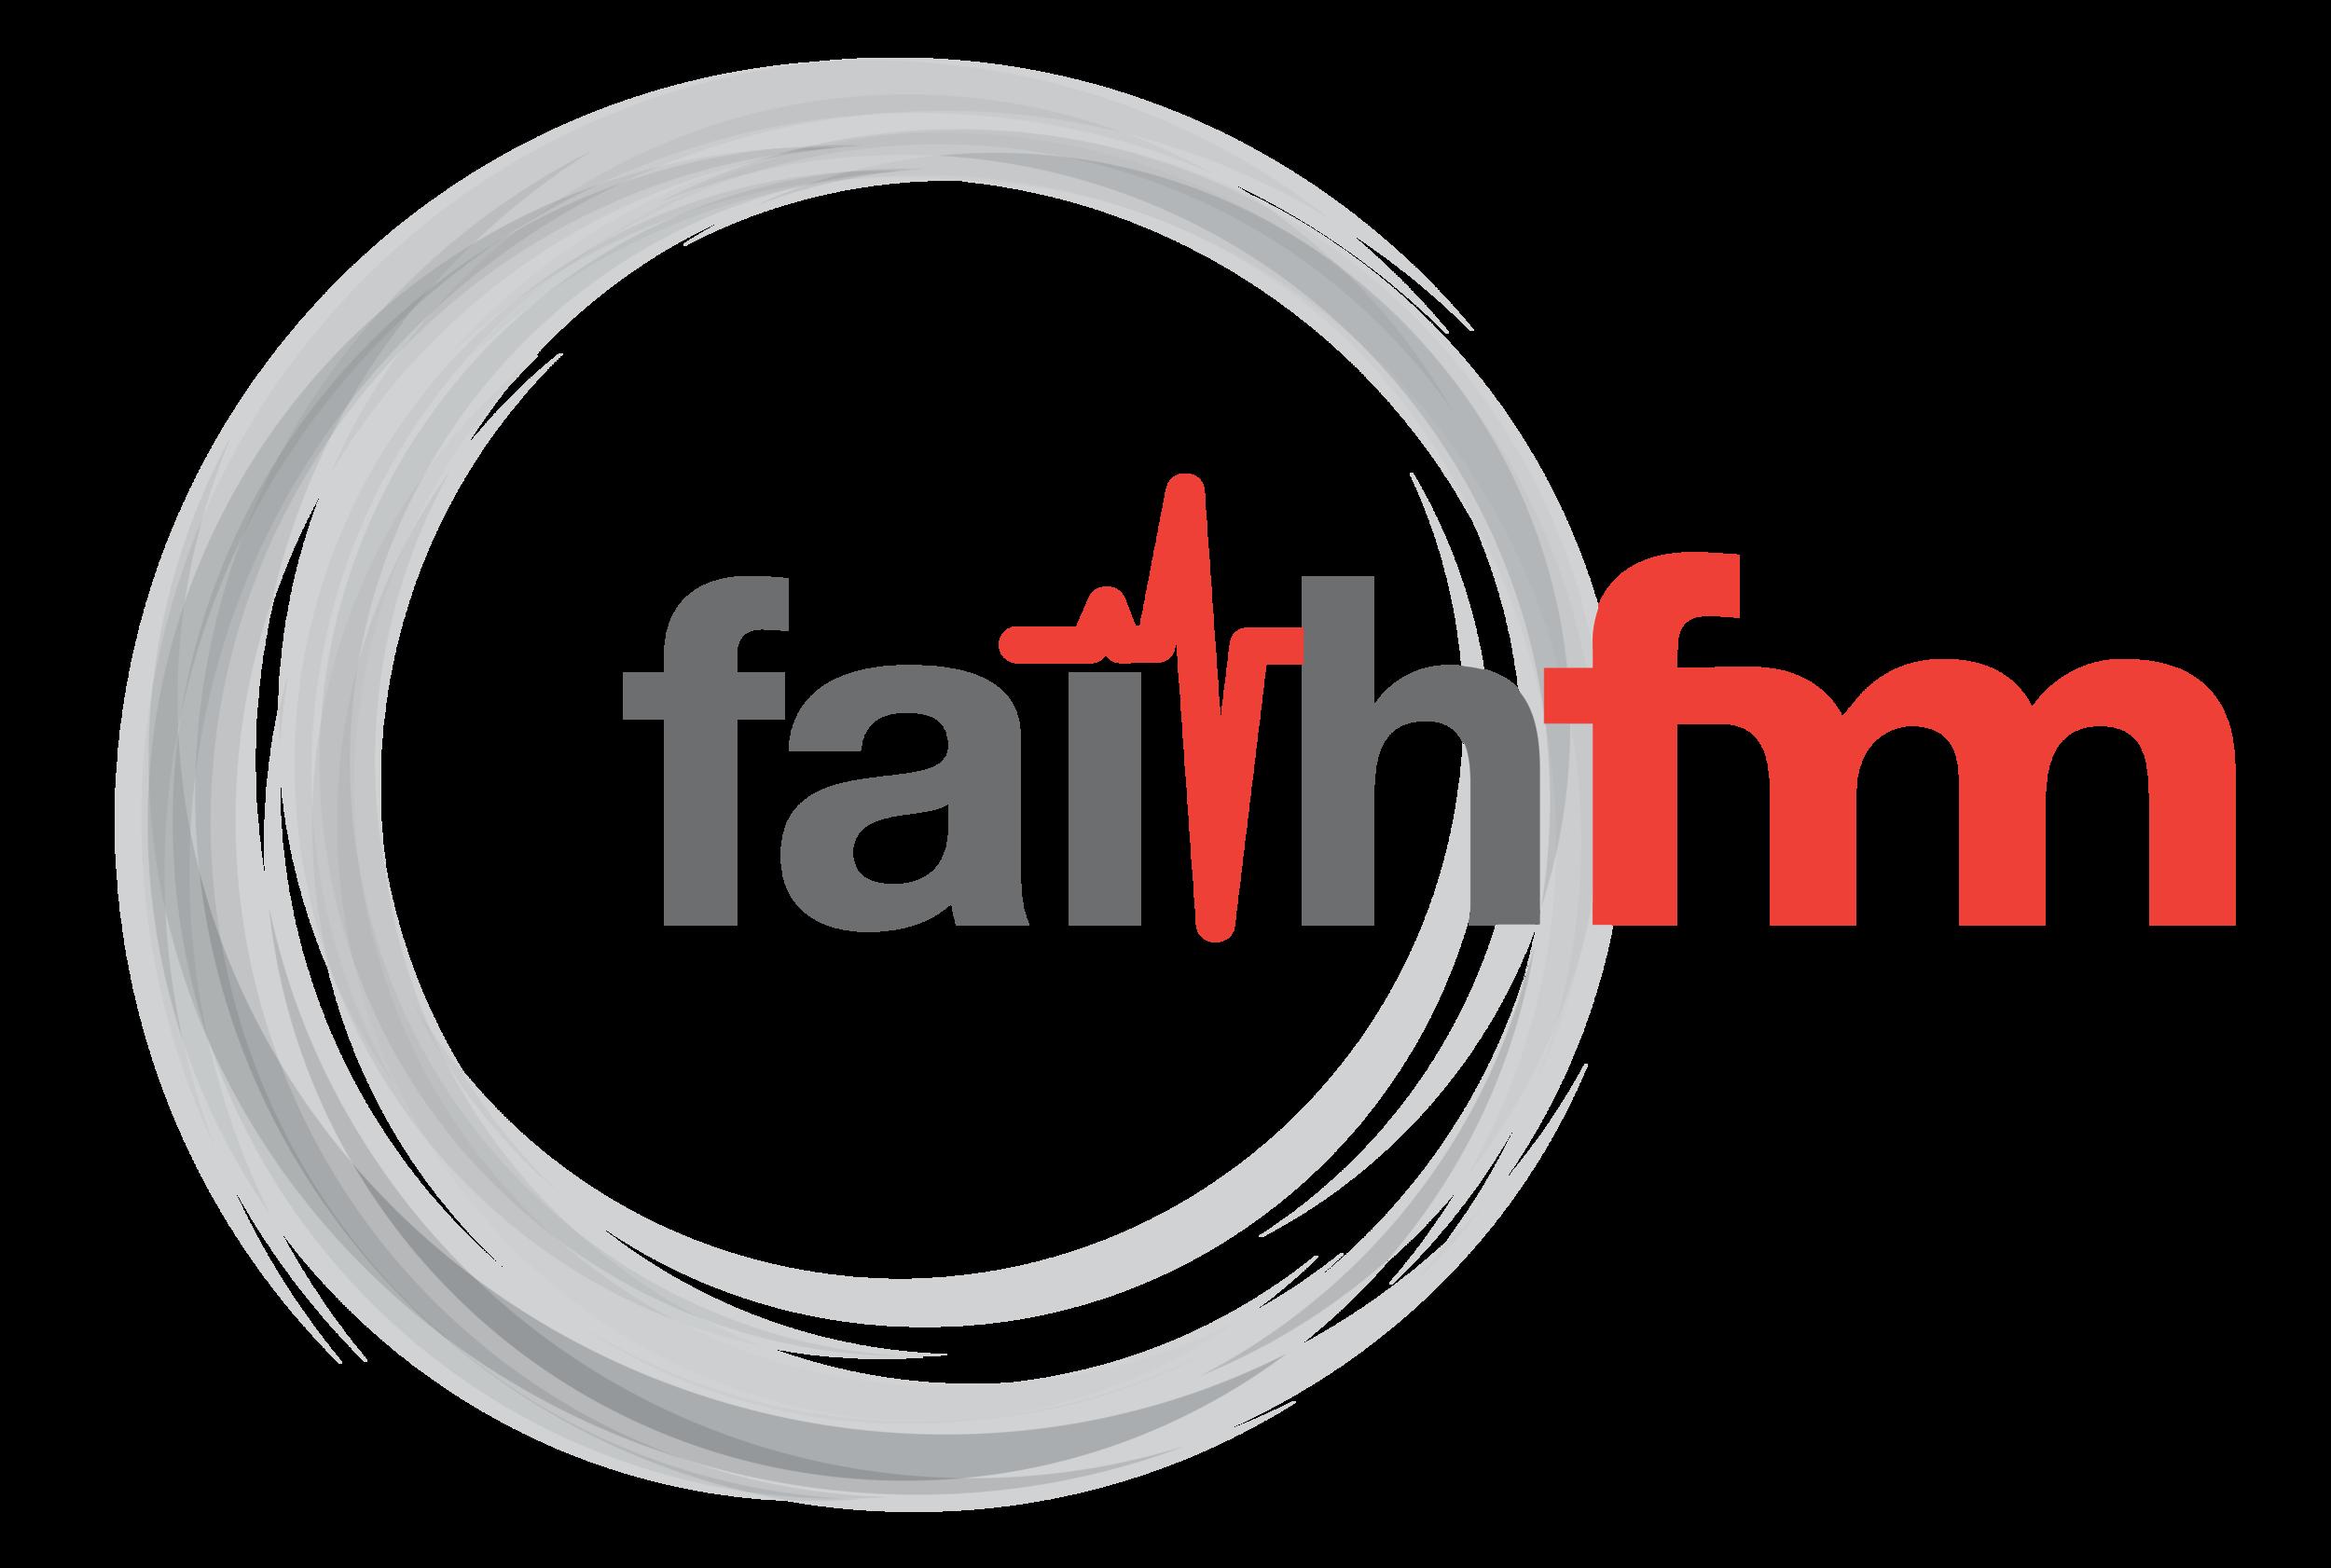 FaithFM_p-01.png